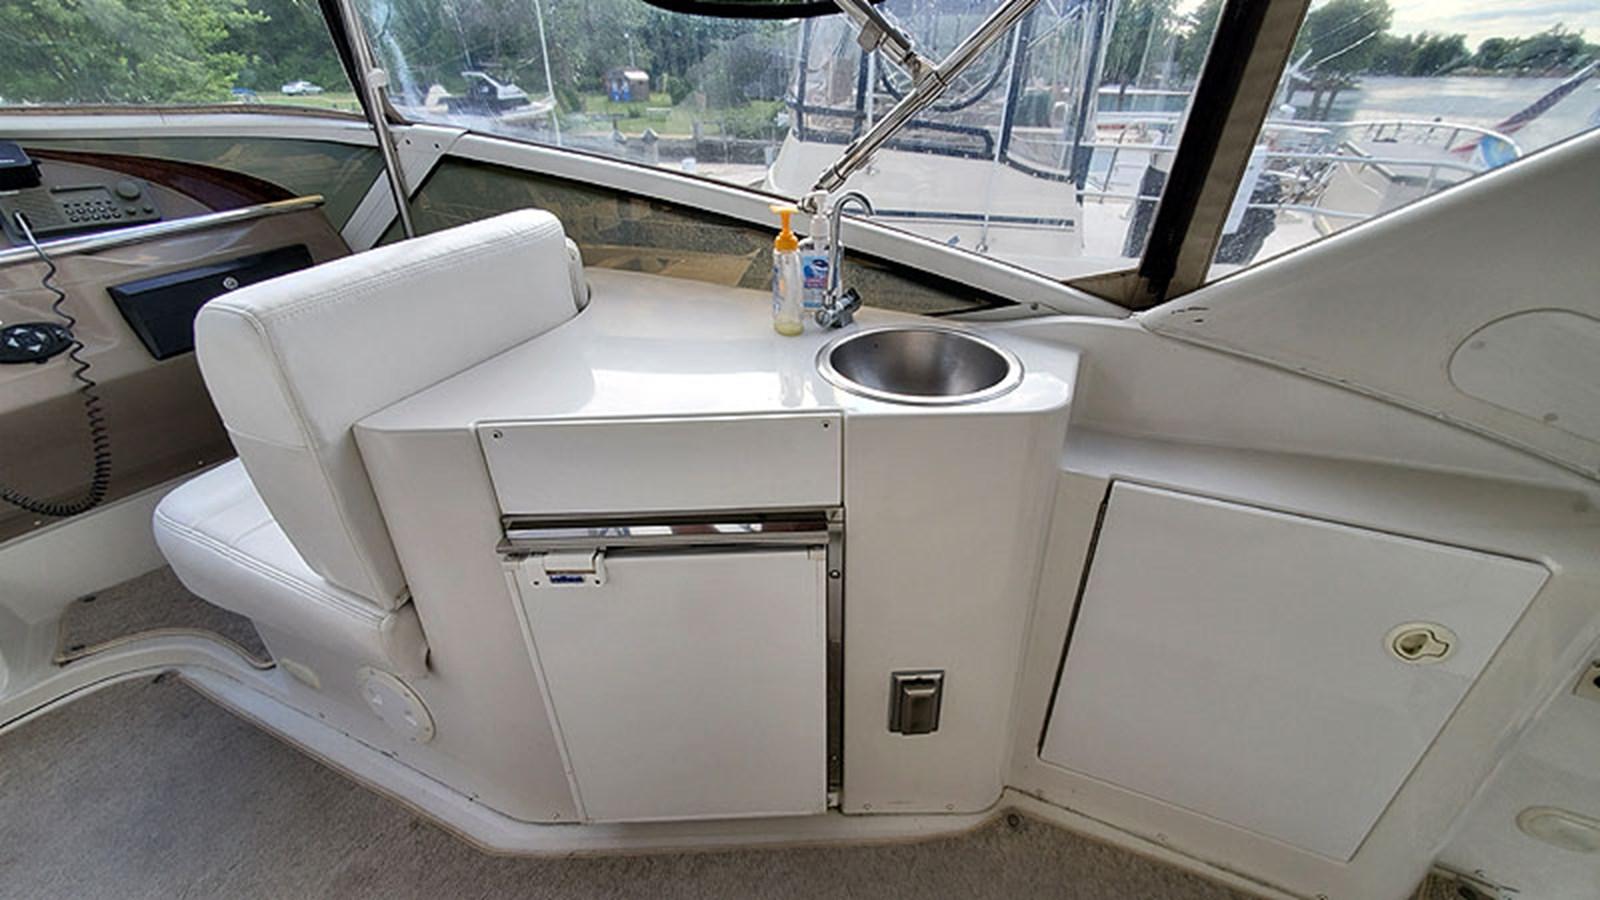 19FlybridgeWetBar 2001 CARVER 444 Cockpit Motor Yacht Motor Yacht 2967612